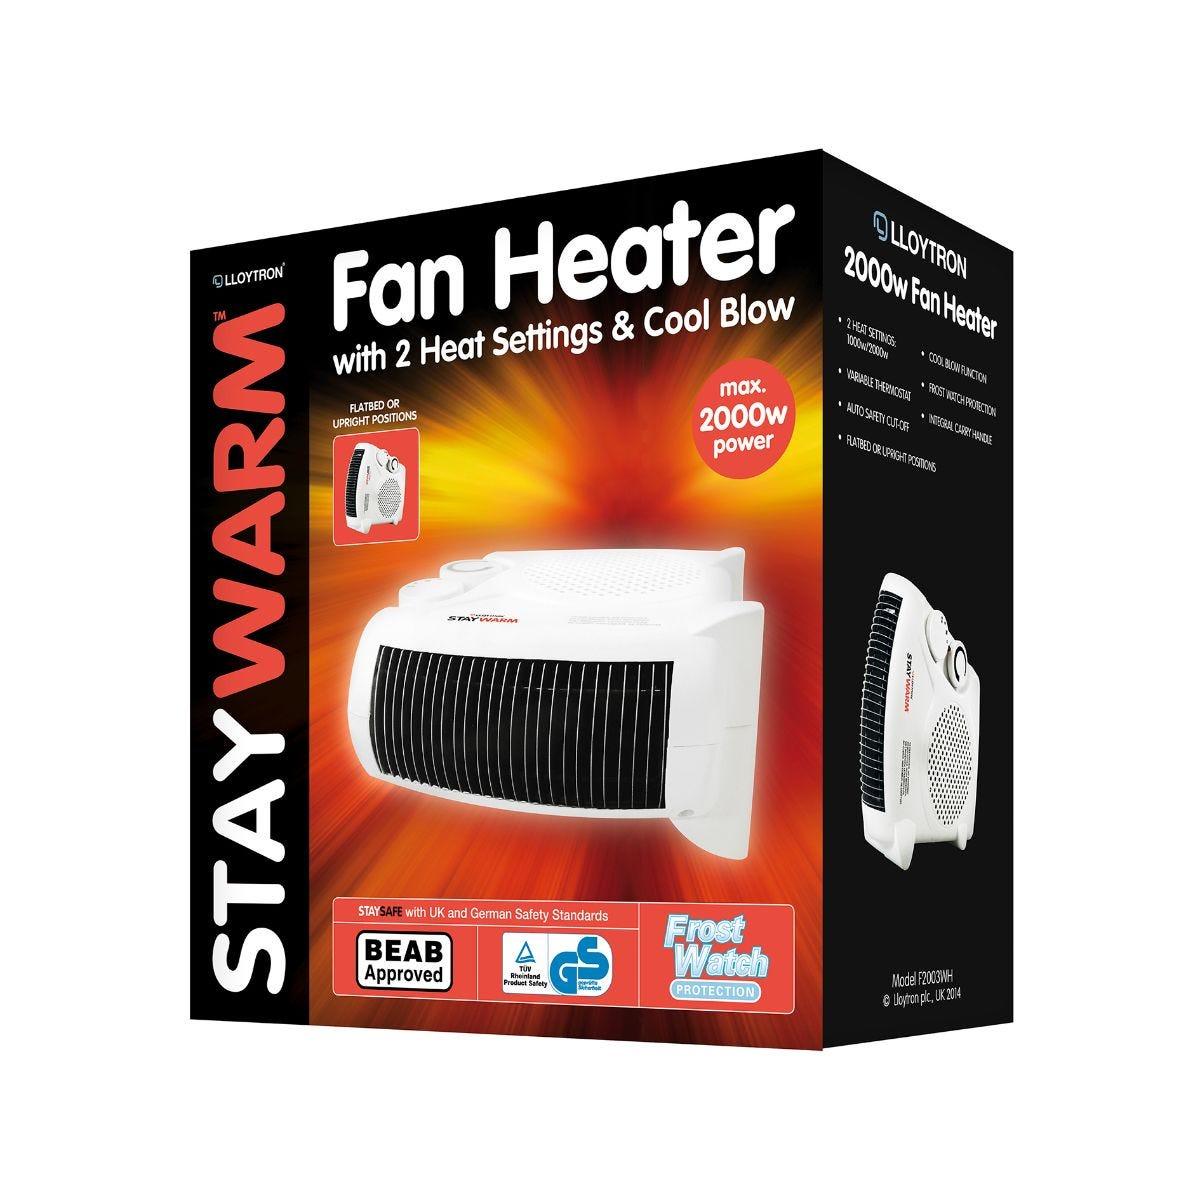 Image of Lloytron Staywarm Upright Fan Heater